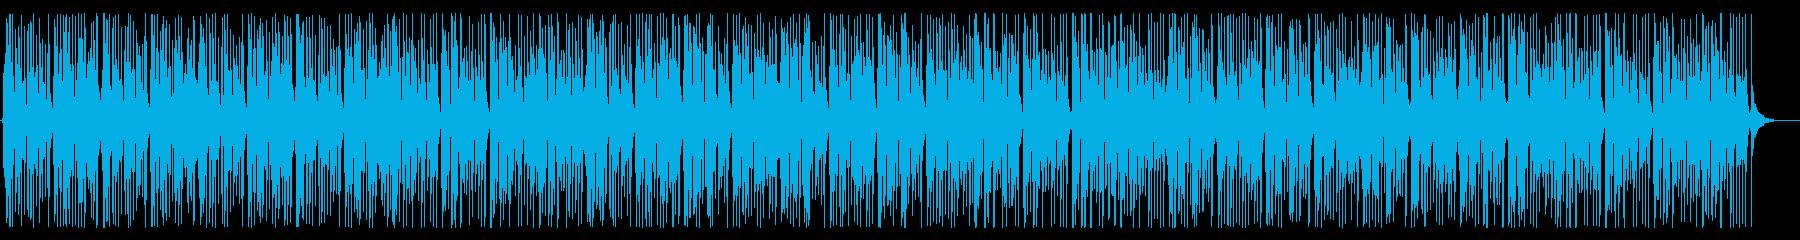 和風 ポップ・三味線・優雅 の再生済みの波形